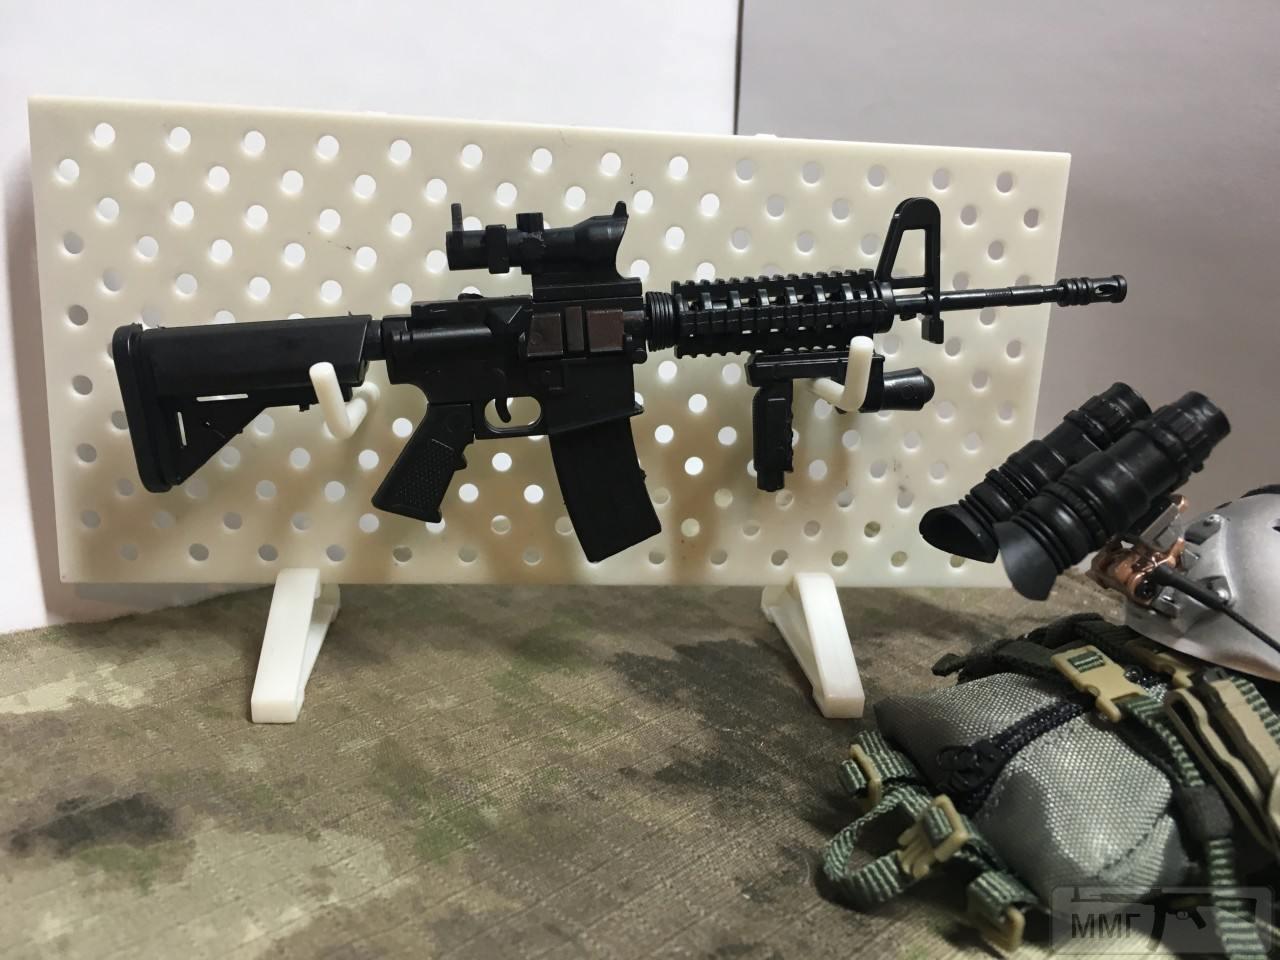 53995 - Макеты оружия/ модели 1:6